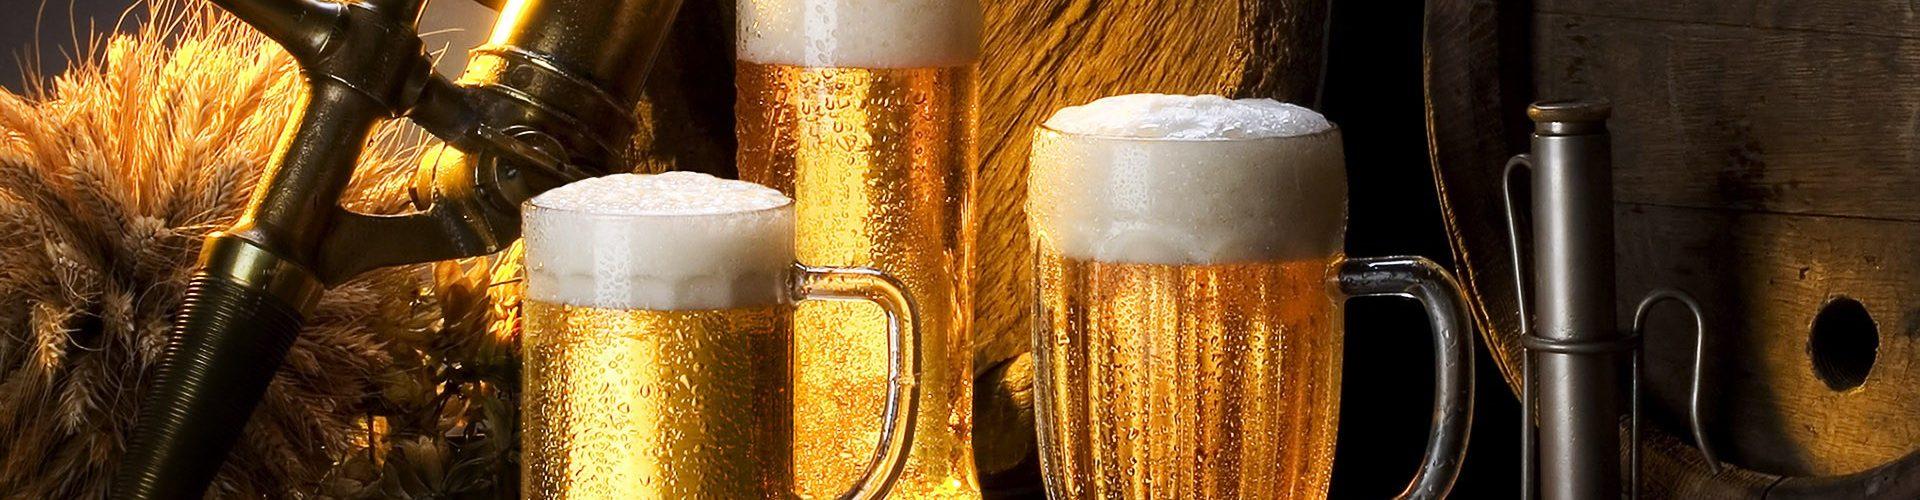 Forskjellig øl